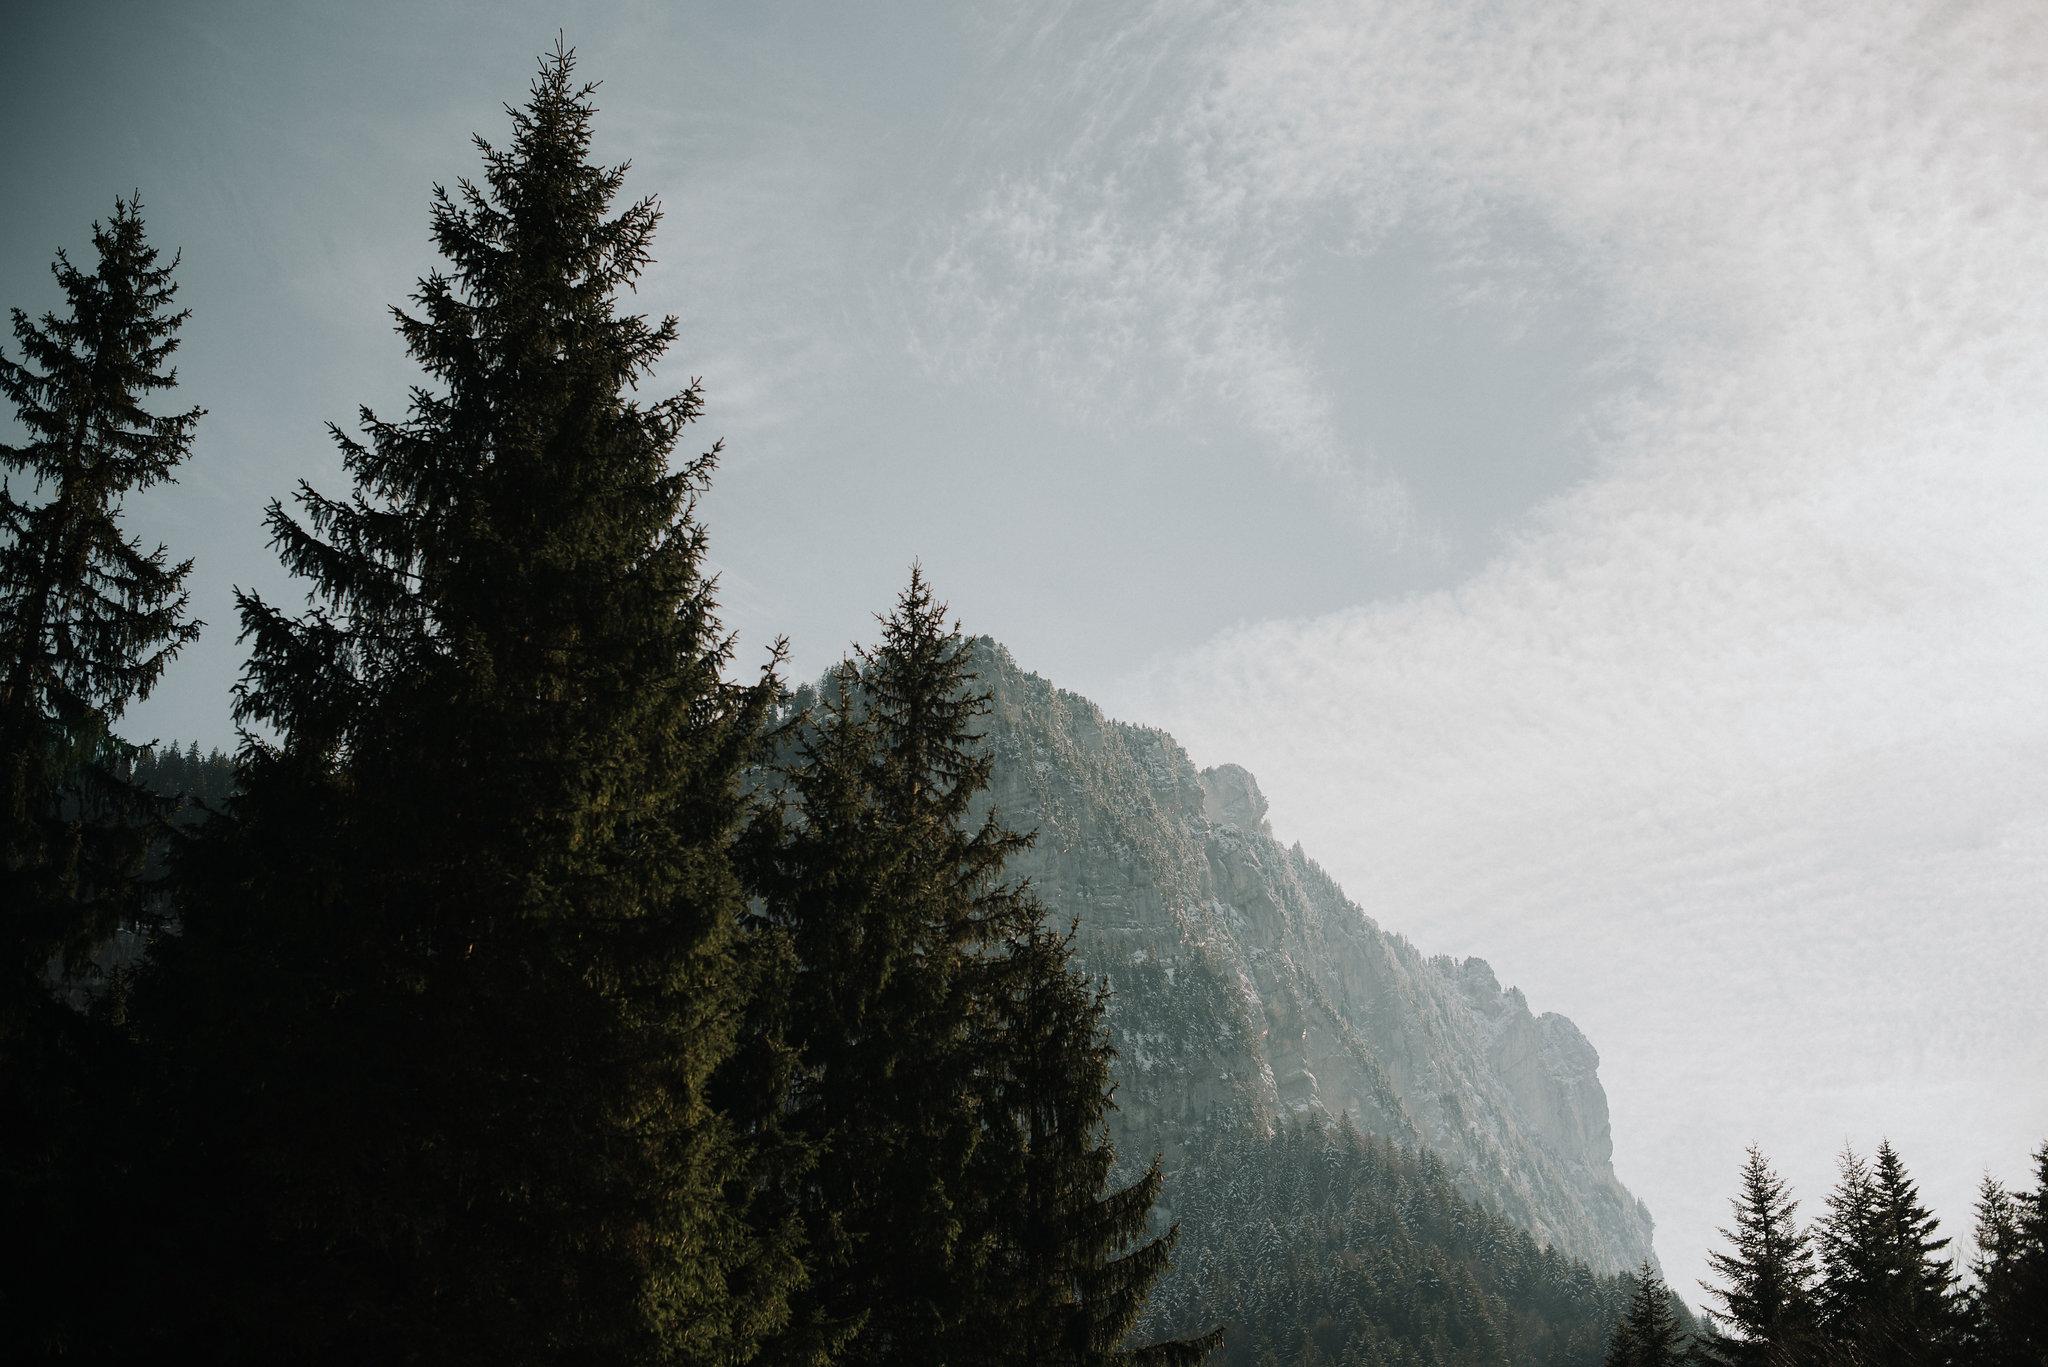 Léa-Fery-photographe-professionnel-lyon-rhone-alpes-portrait-creation-mariage-evenement-evenementiel-famille-5202.jpg